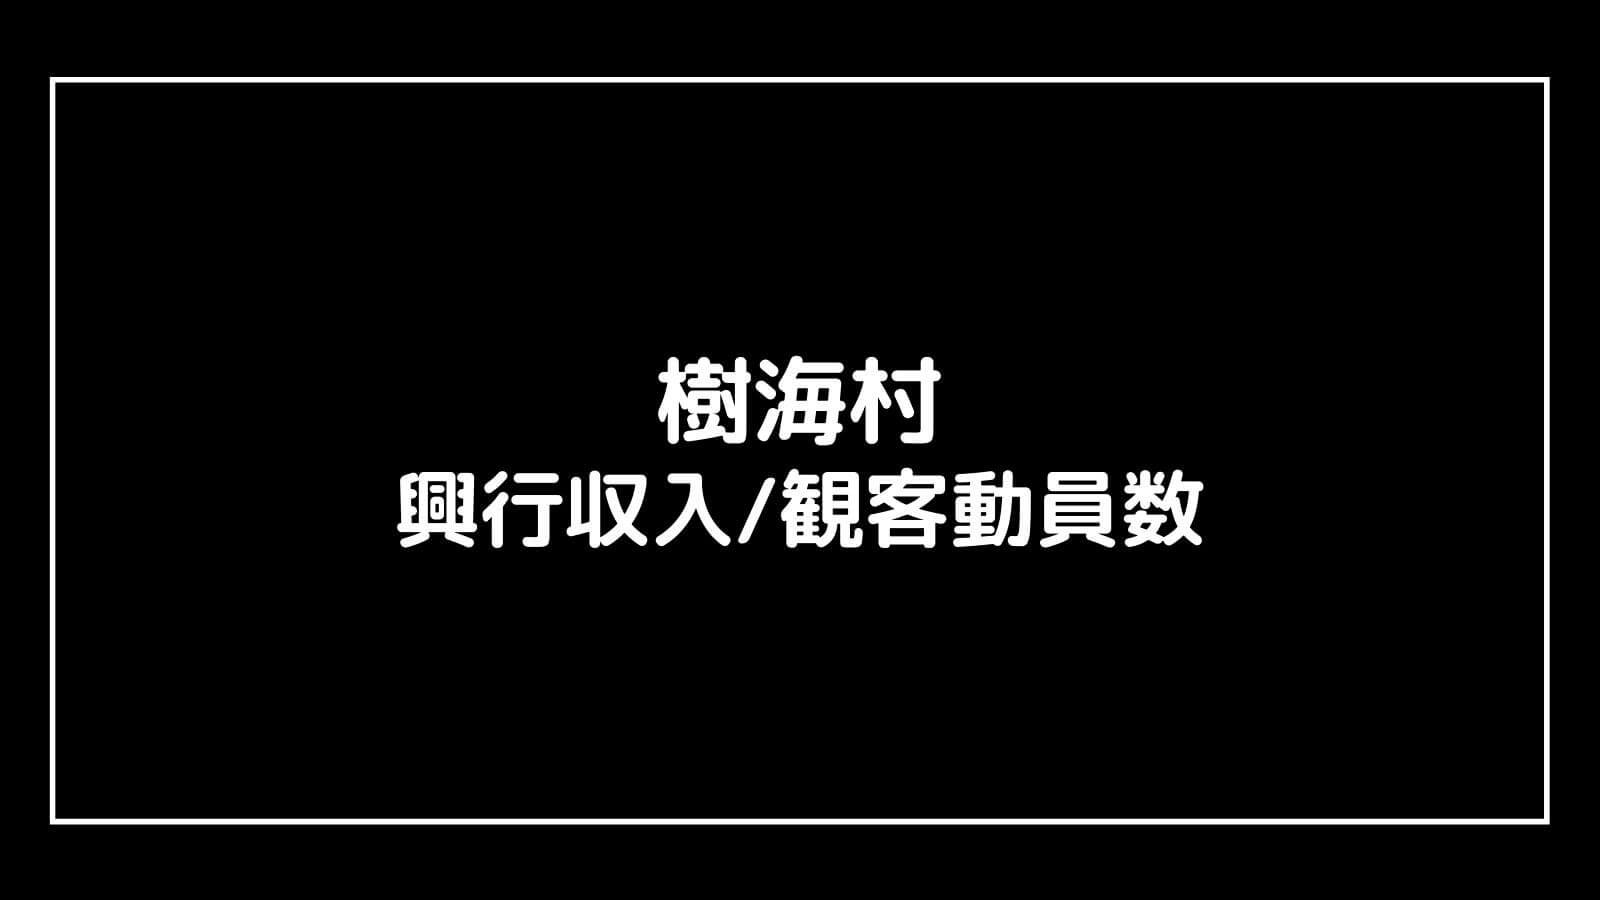 映画『樹海村』現在の興行収入推移と最終興収を元映画館社員が予想